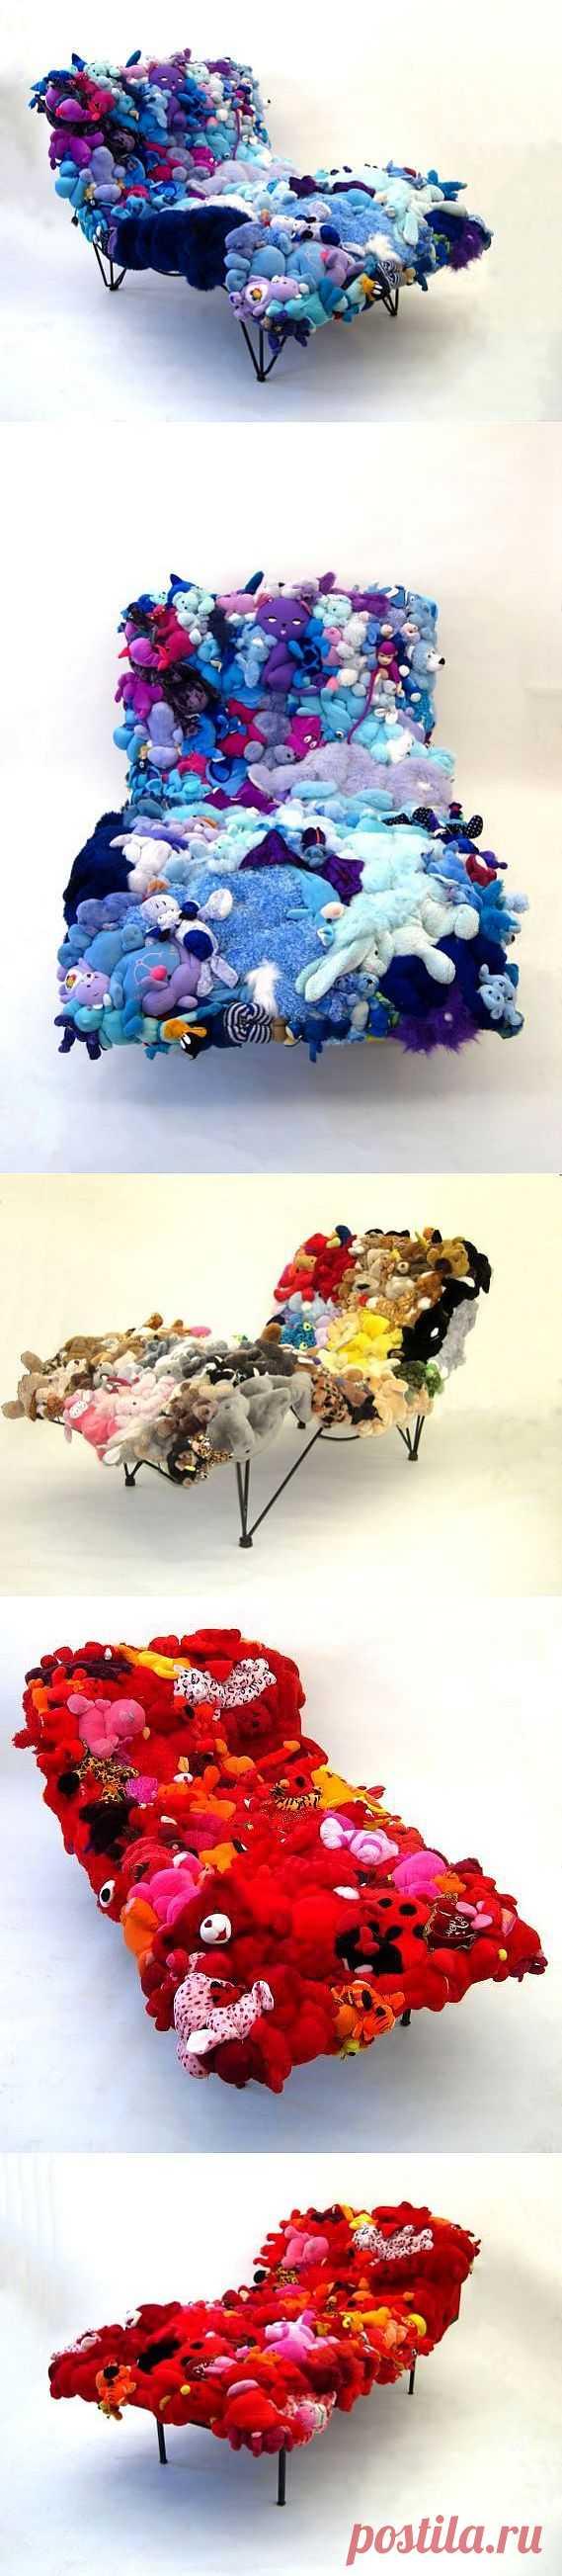 Подборка кушеток из мягких игрушек / Мебель / Модный сайт о стильной переделке одежды и интерьера